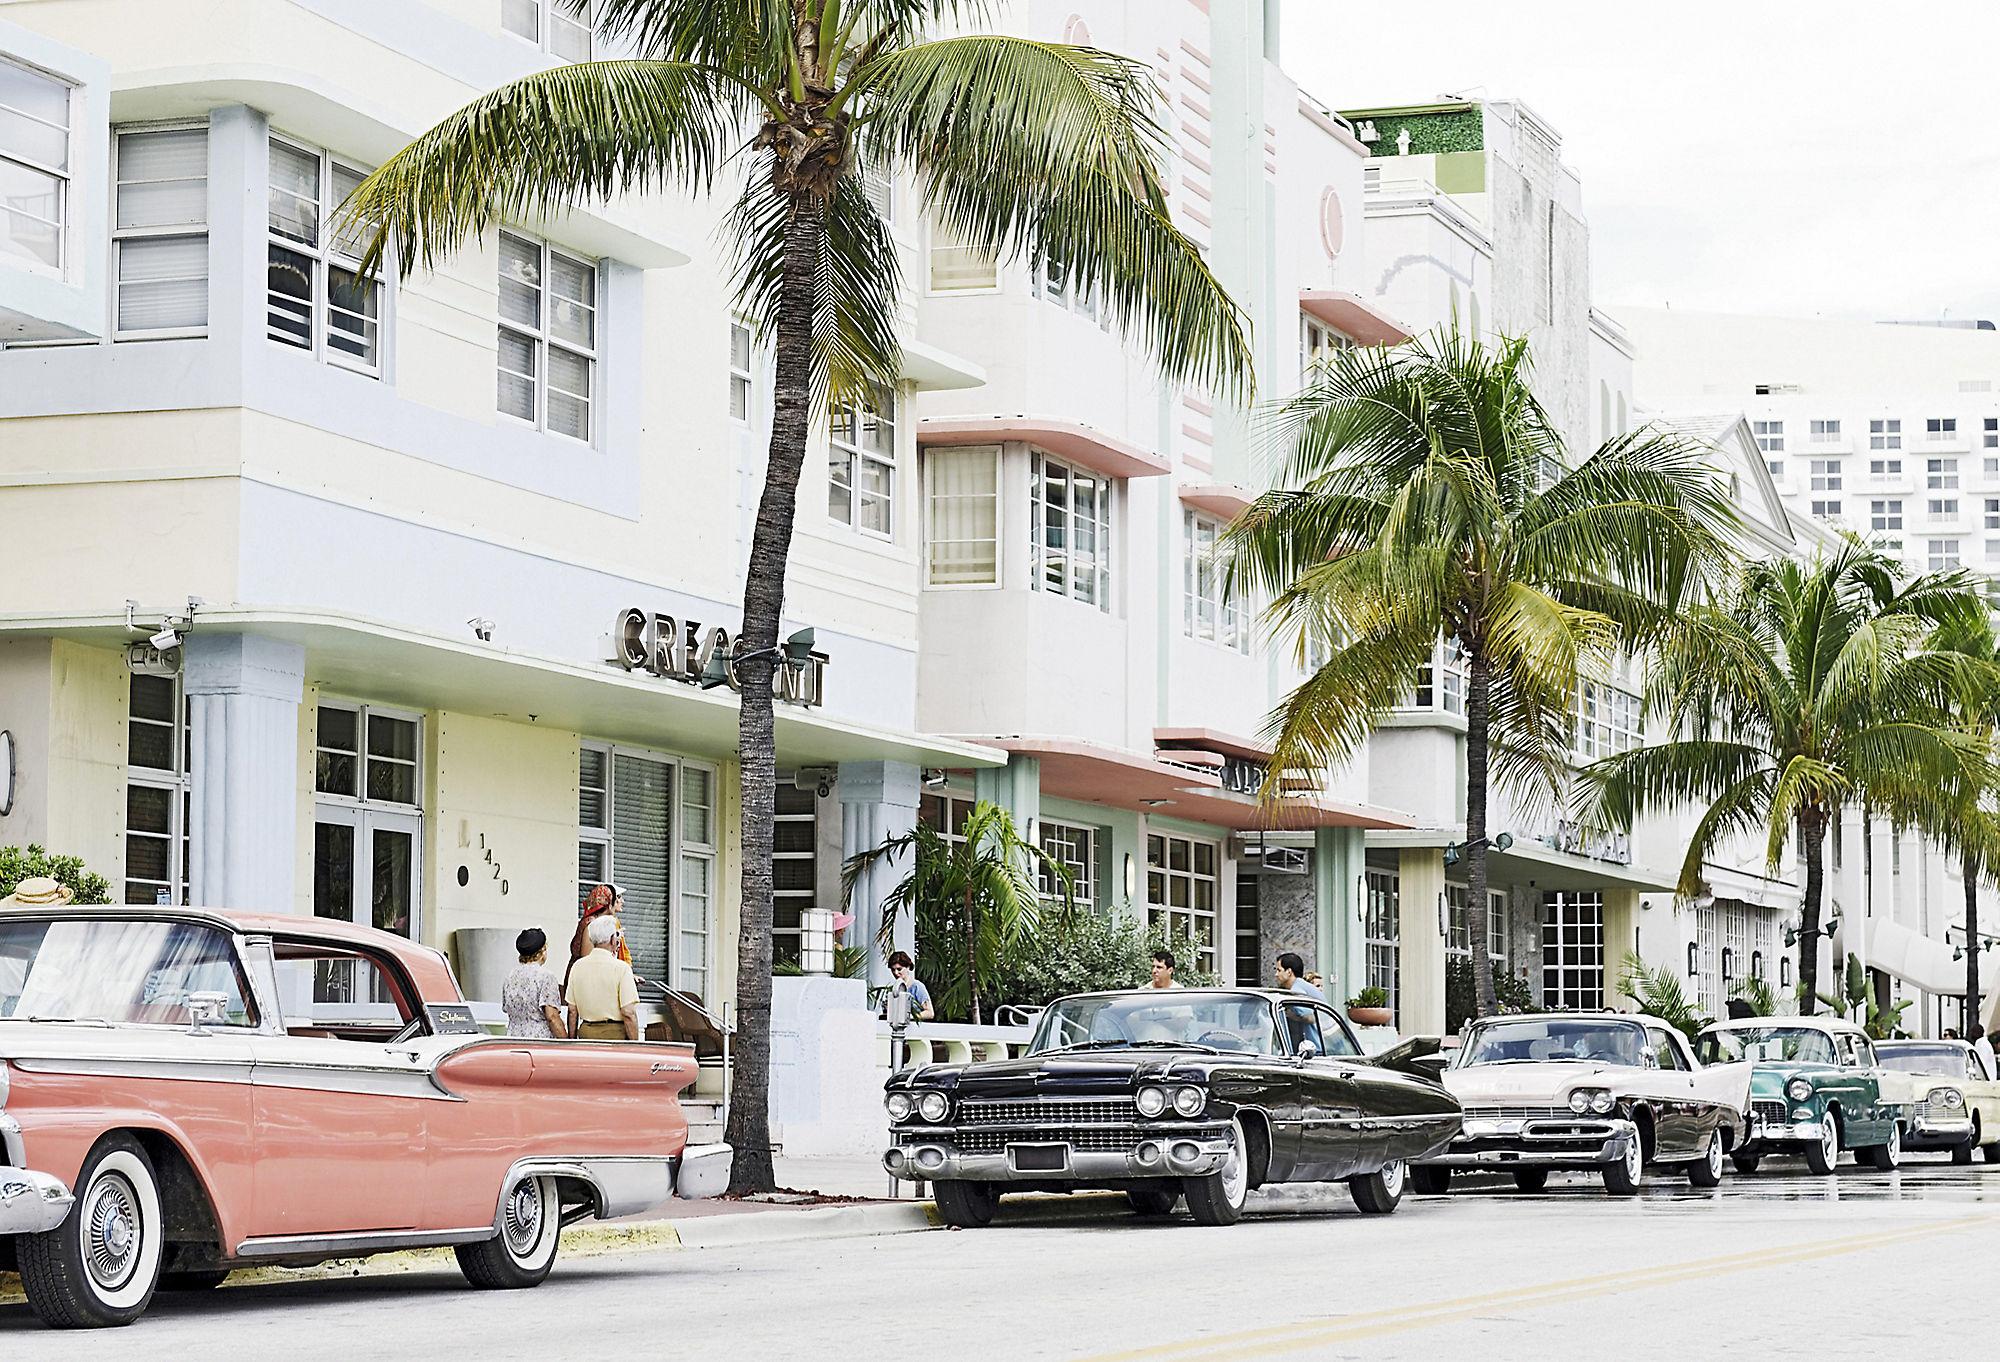 Miami's Art Deco Historic District